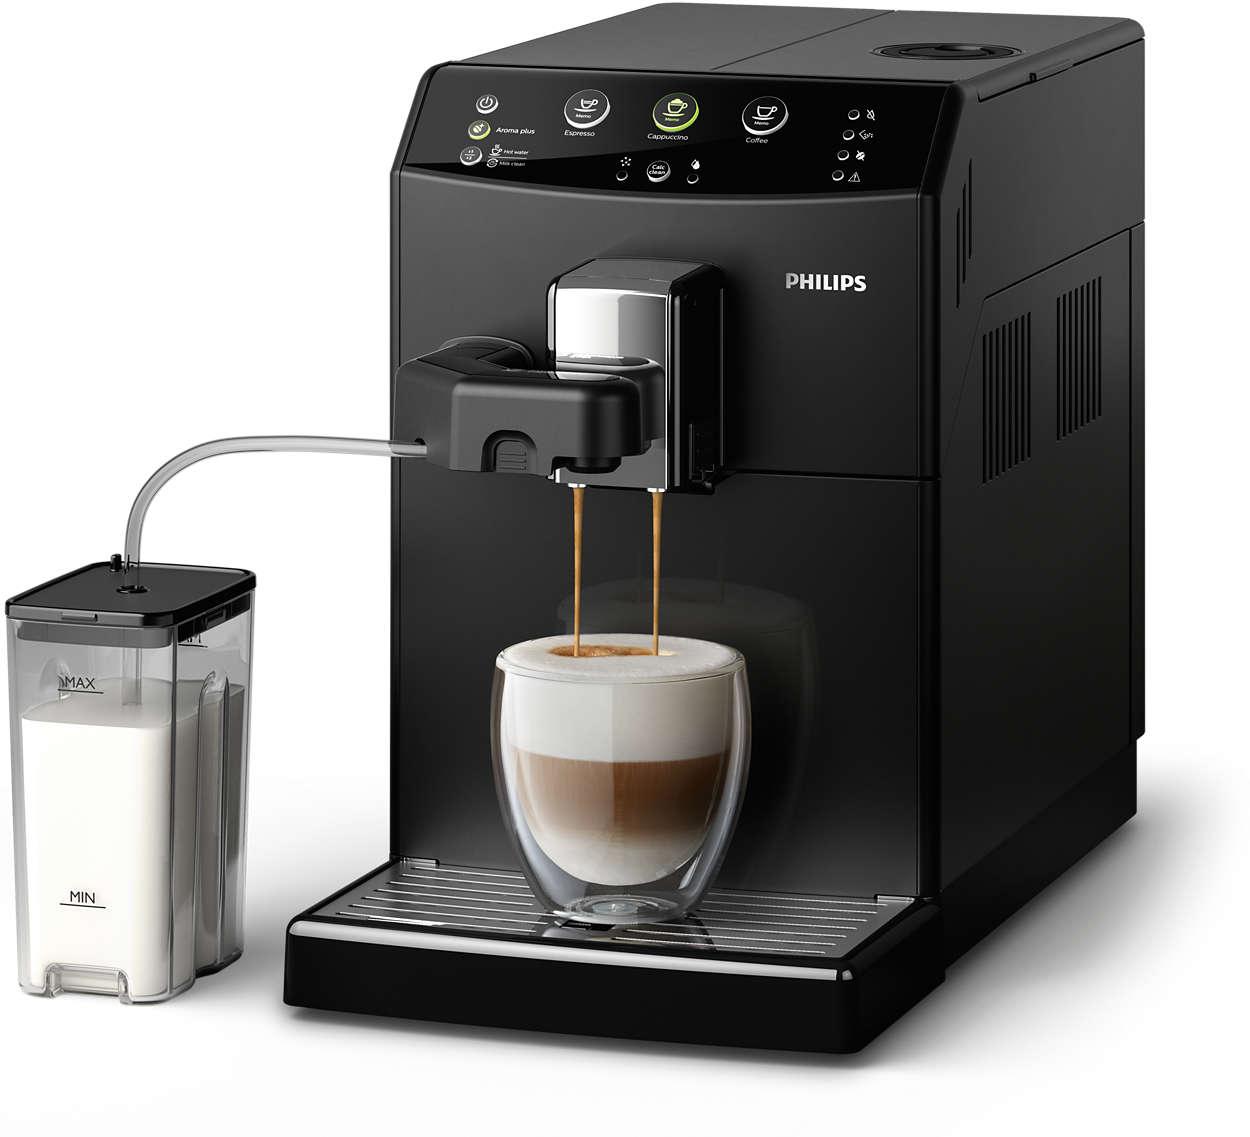 Uw favoriete cappuccino met één druk op de knop